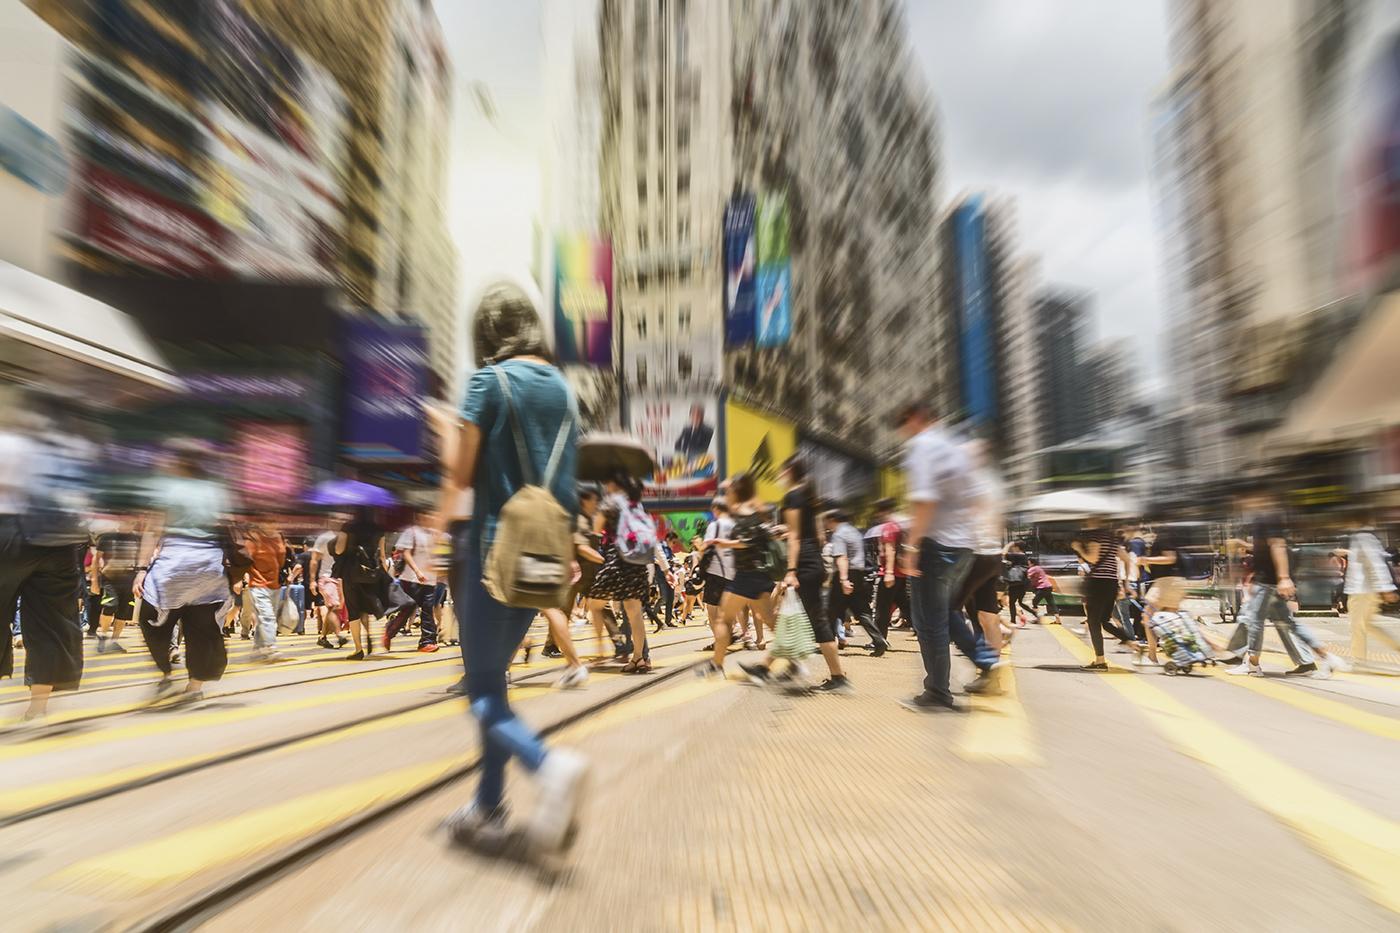 Infinia y JCDecaux presentan el segundo informe de movilidad en México: Consecuencias OOH COVID-19